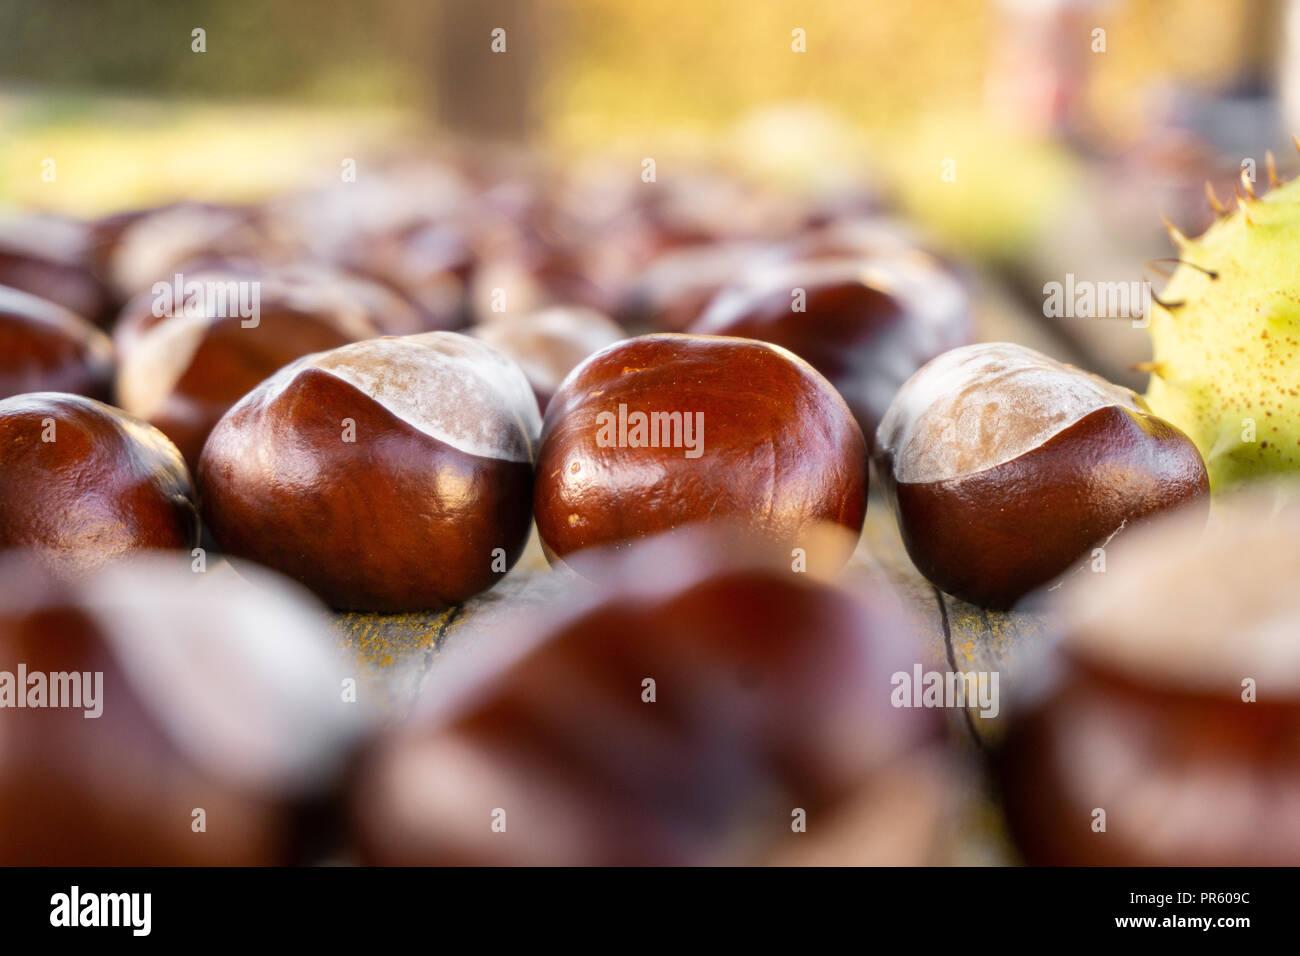 Kastanien auf Holztisch - Stock Image